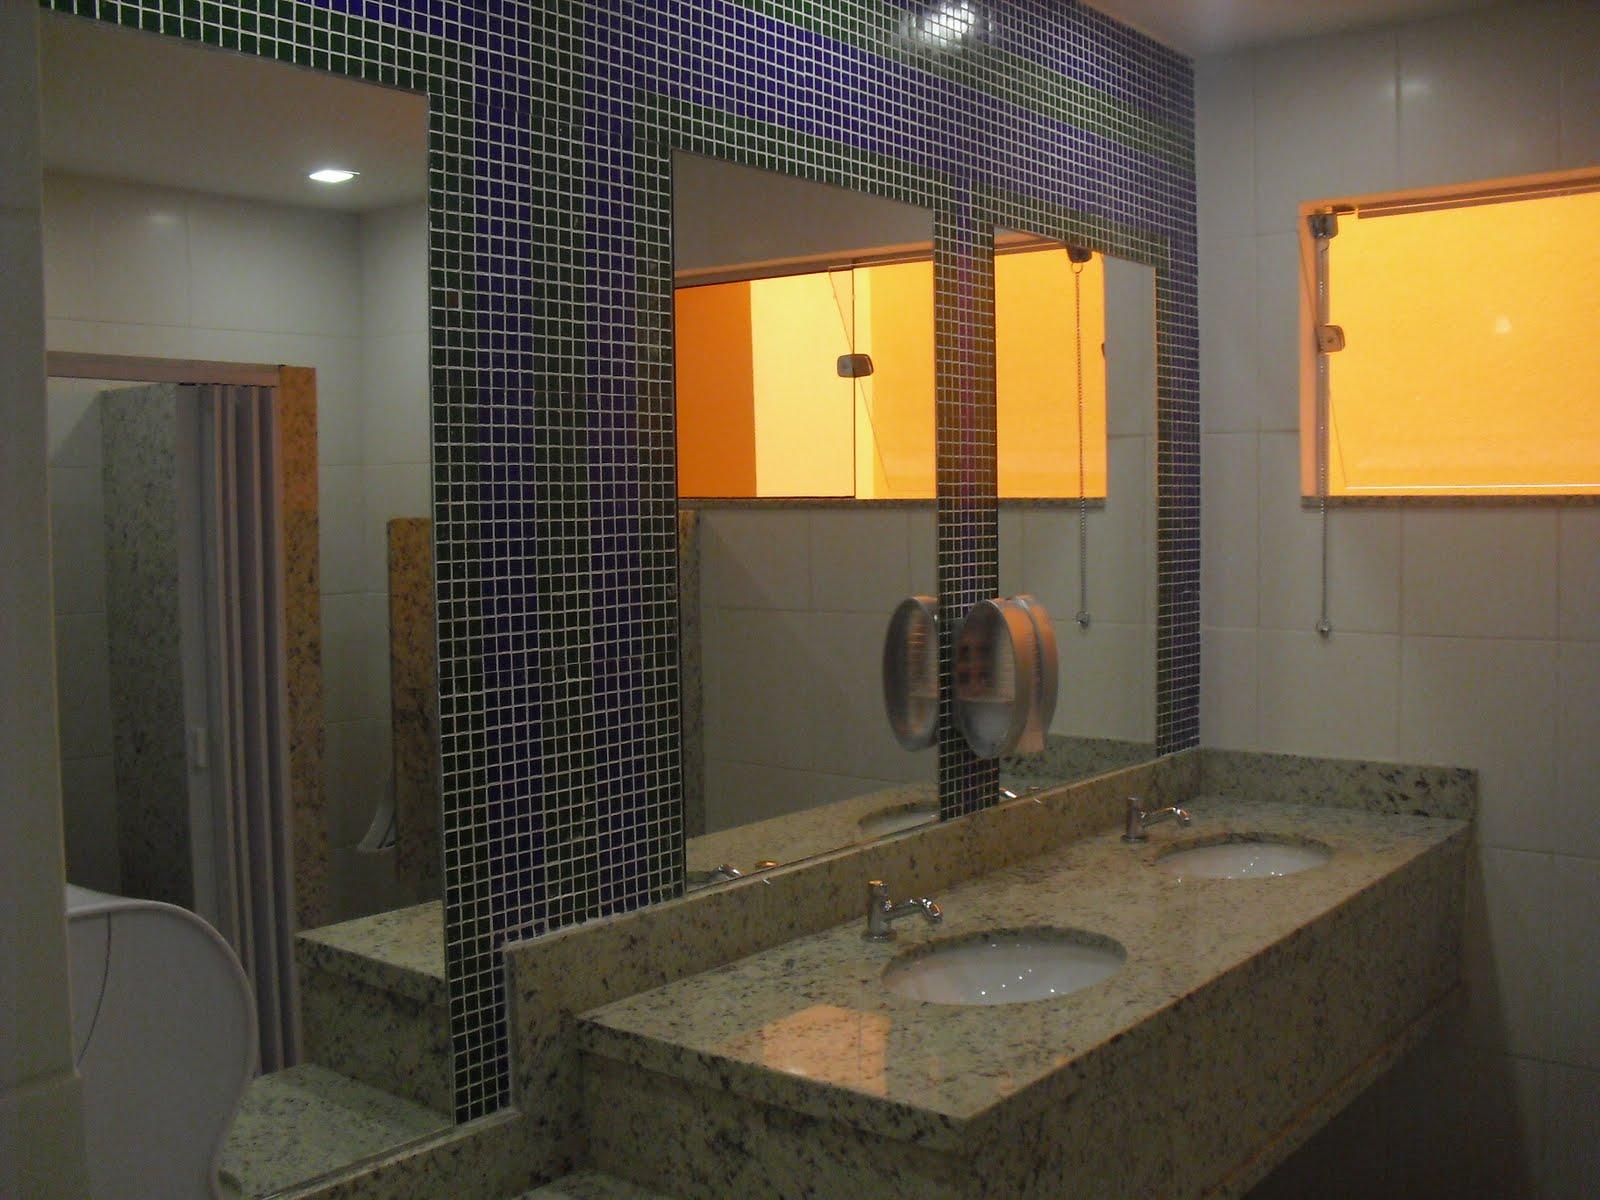 Imagens de #C28609 Lindos banheiros com pastilhas janelas em vidros (DVT Blindex) e  1600x1200 px 3558 Blindex Banheiro Belem